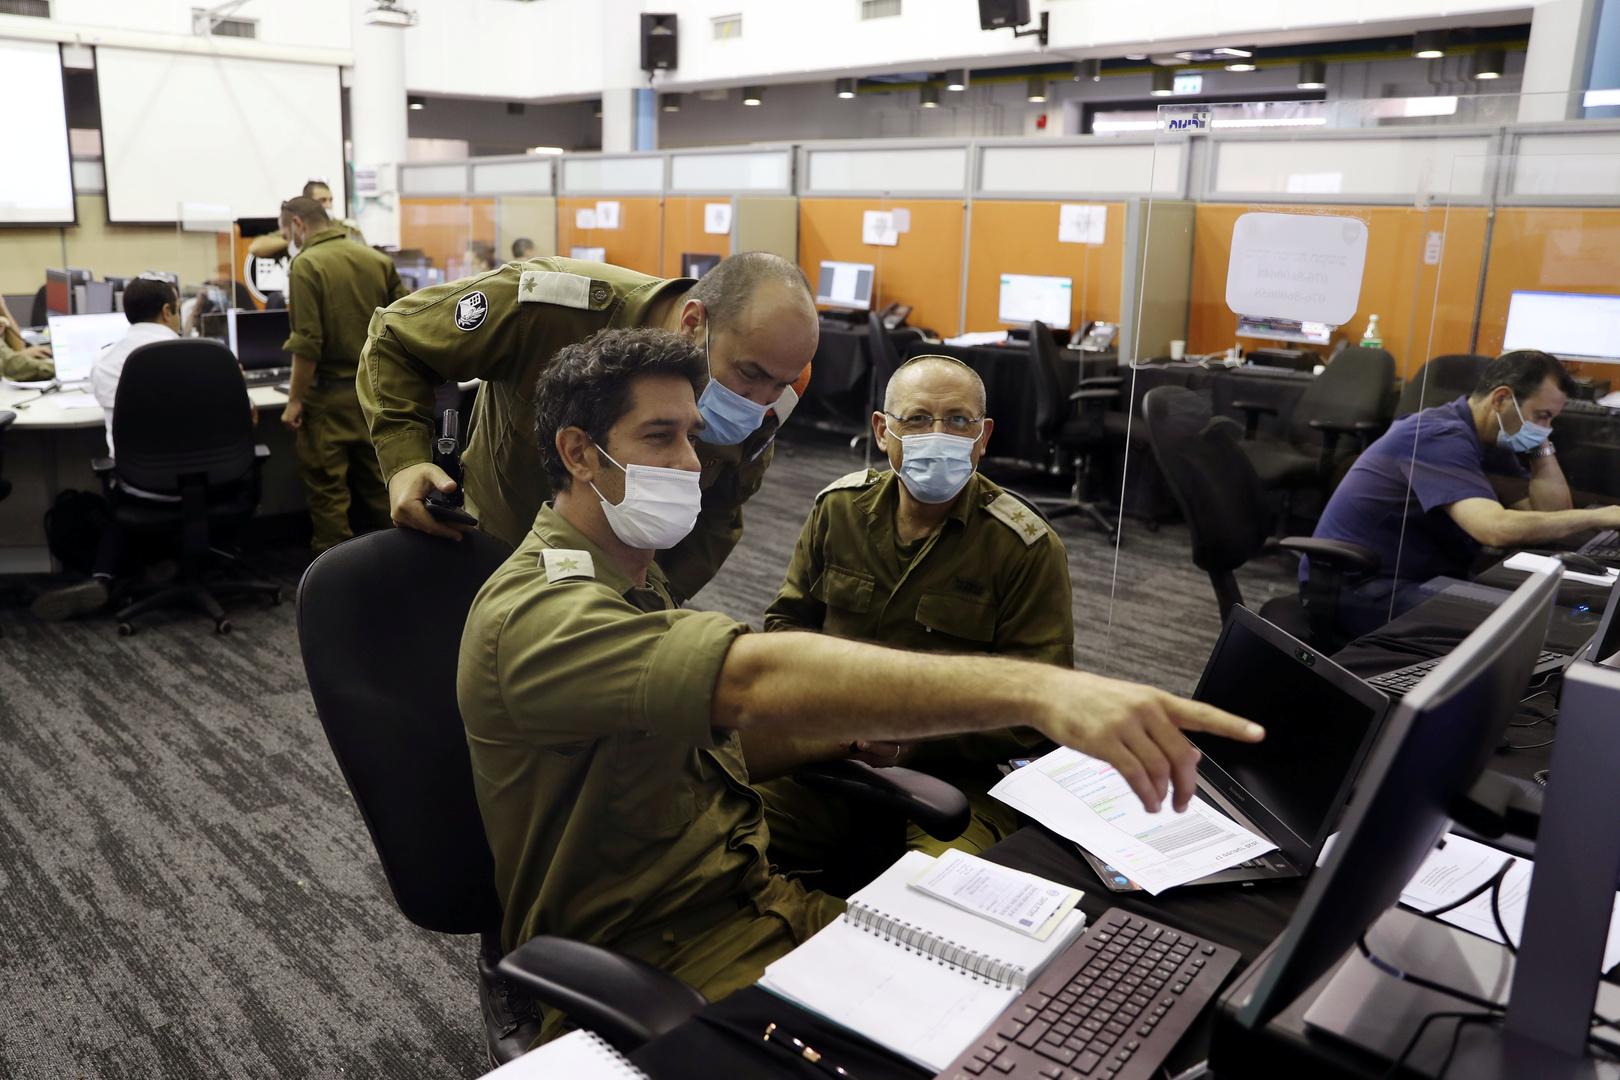 الجيش الإسرائيلي: إحباط محاولة تهريب أسلحة ومخدرات من الأراضي اللبنانية (صورة)